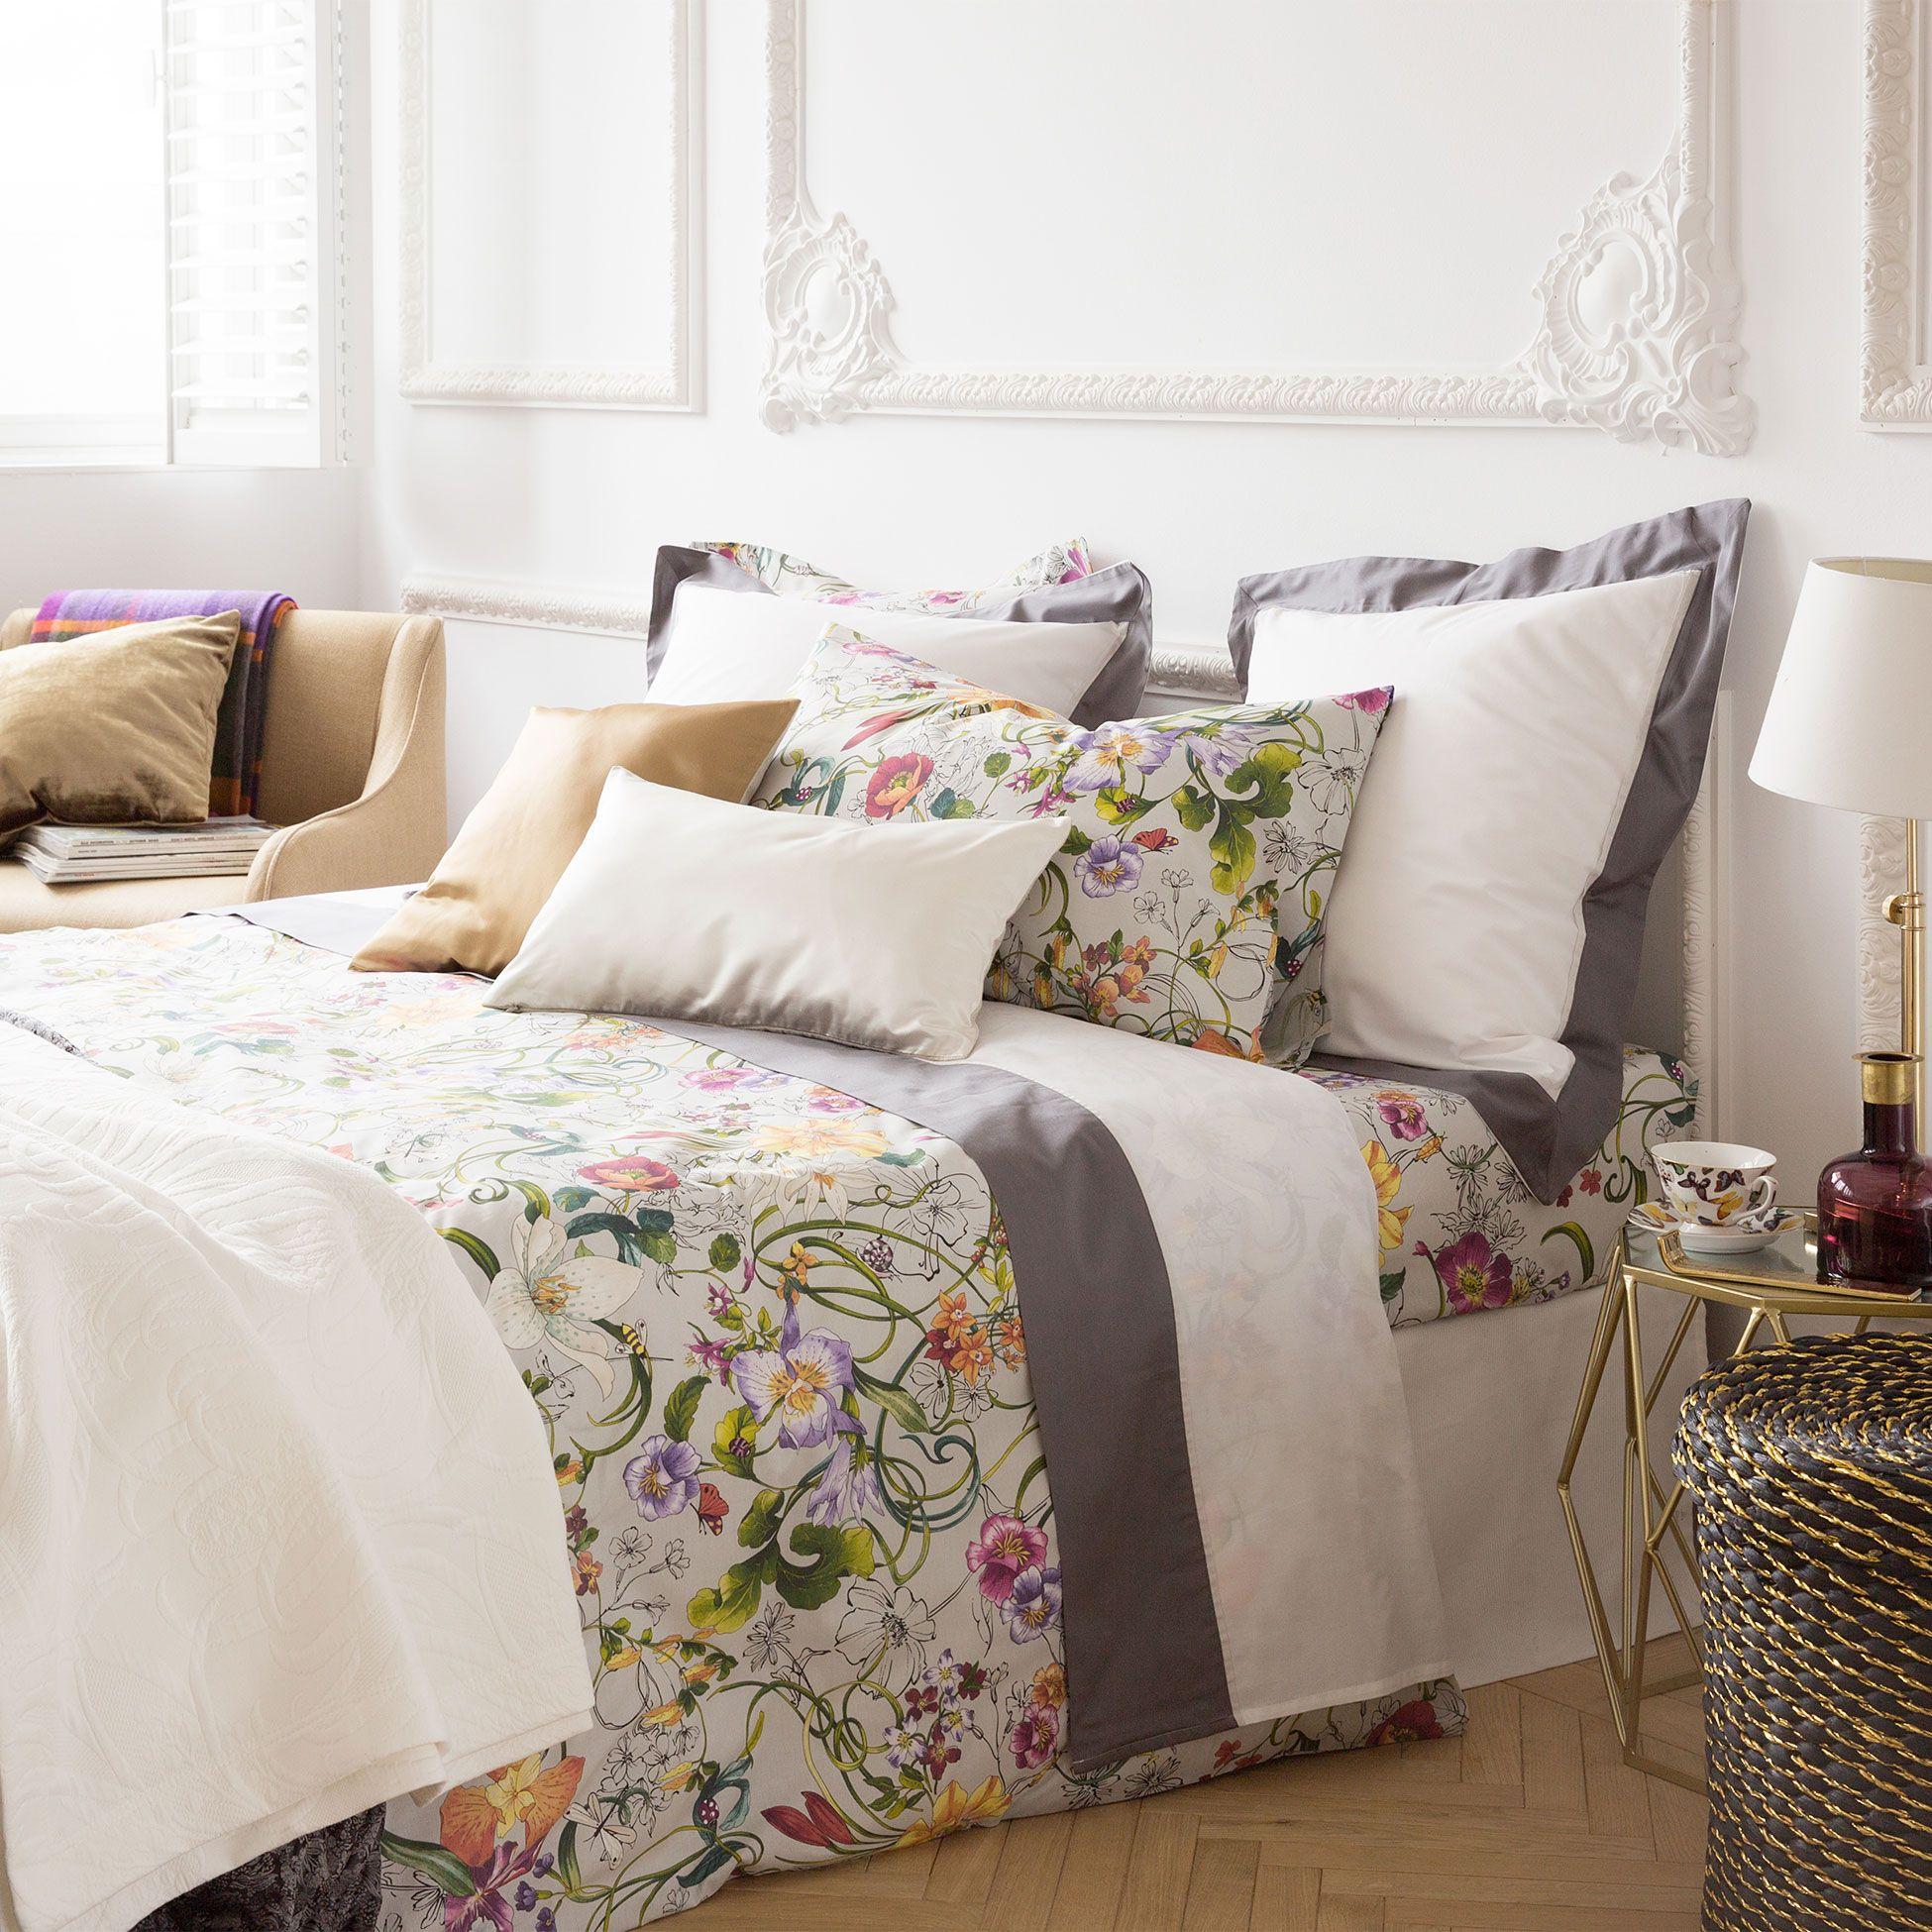 linge de lit fleurs multicolore linge de lit lit. Black Bedroom Furniture Sets. Home Design Ideas